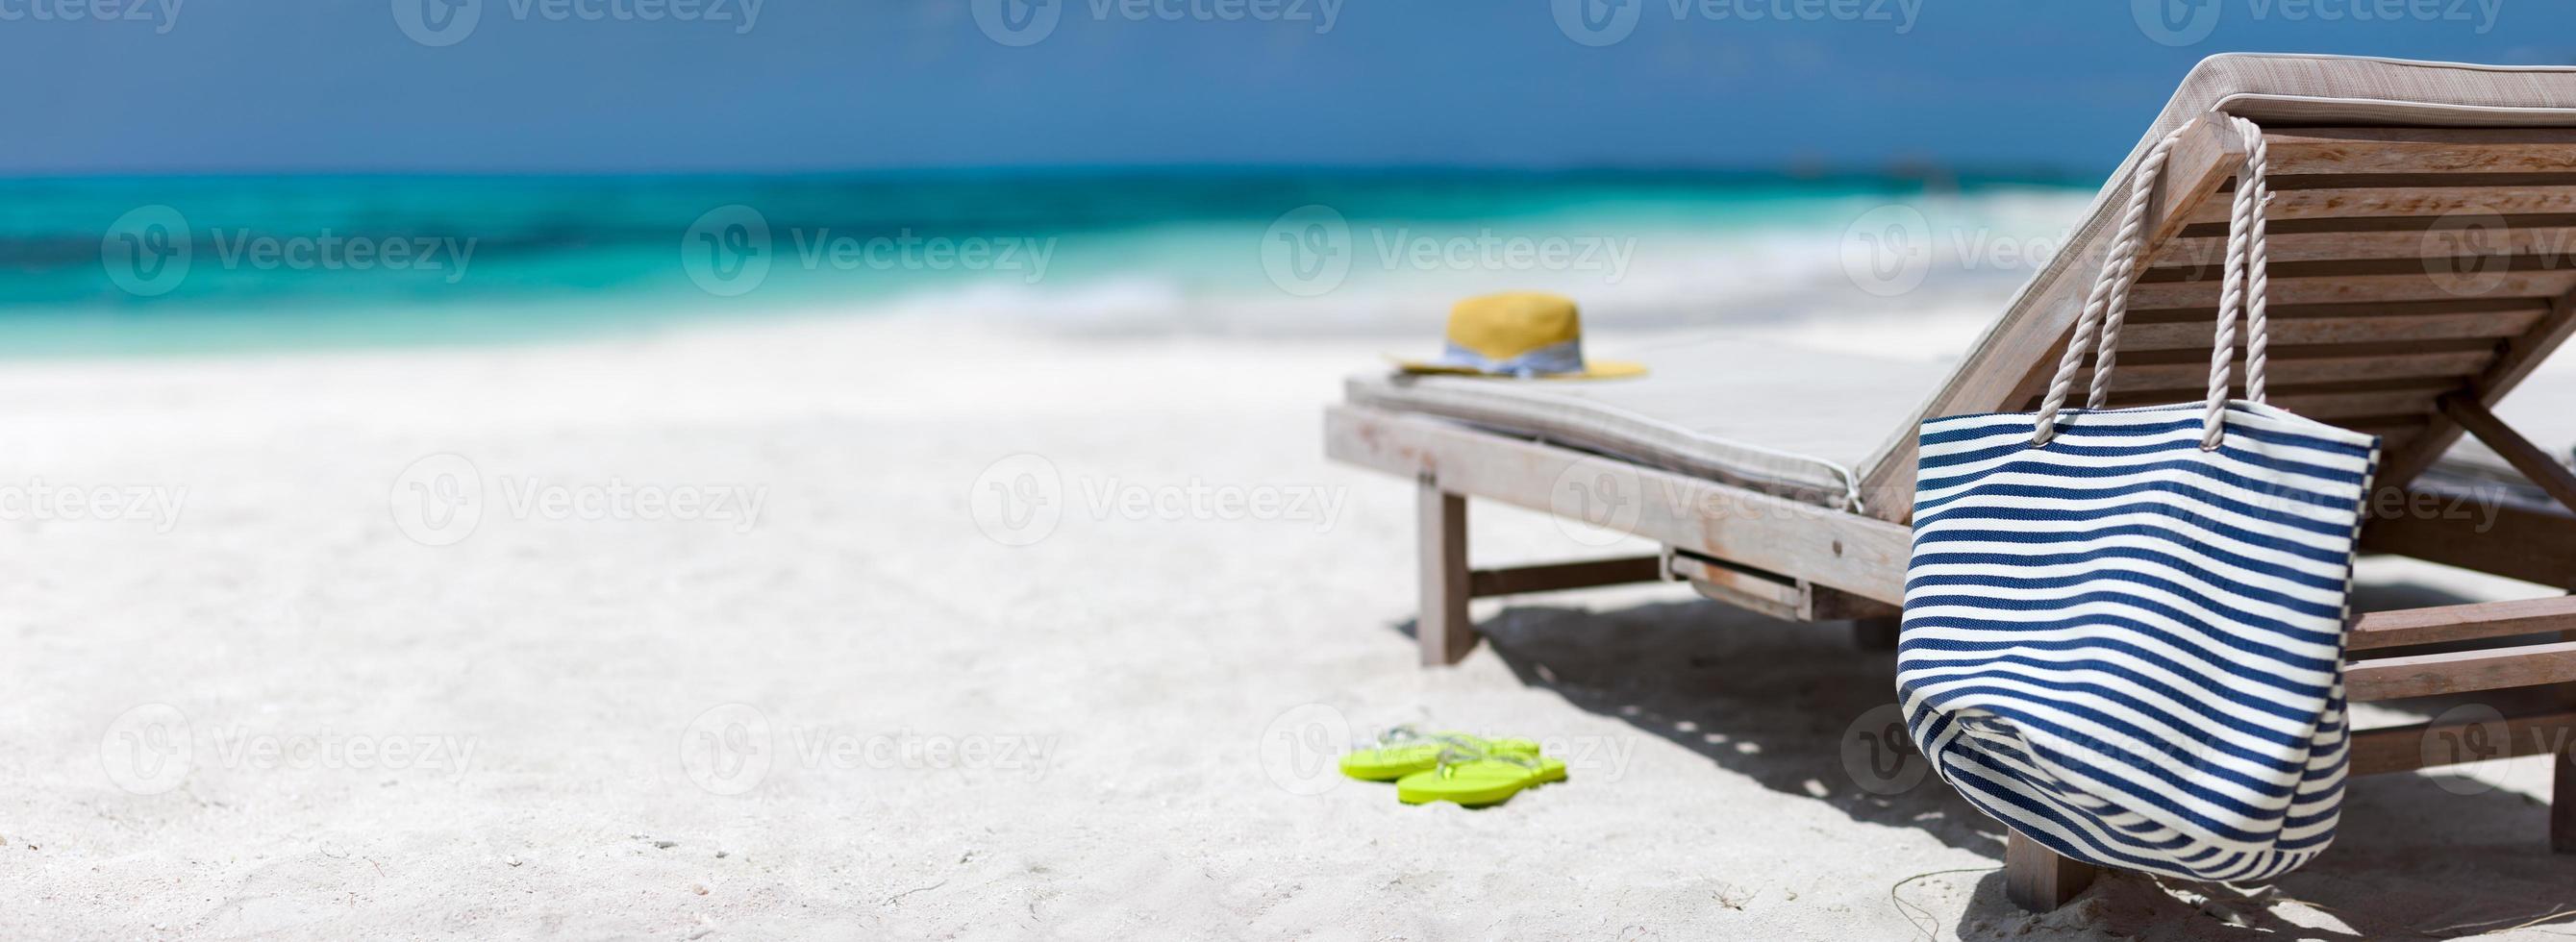 tropischer Strandurlaub foto